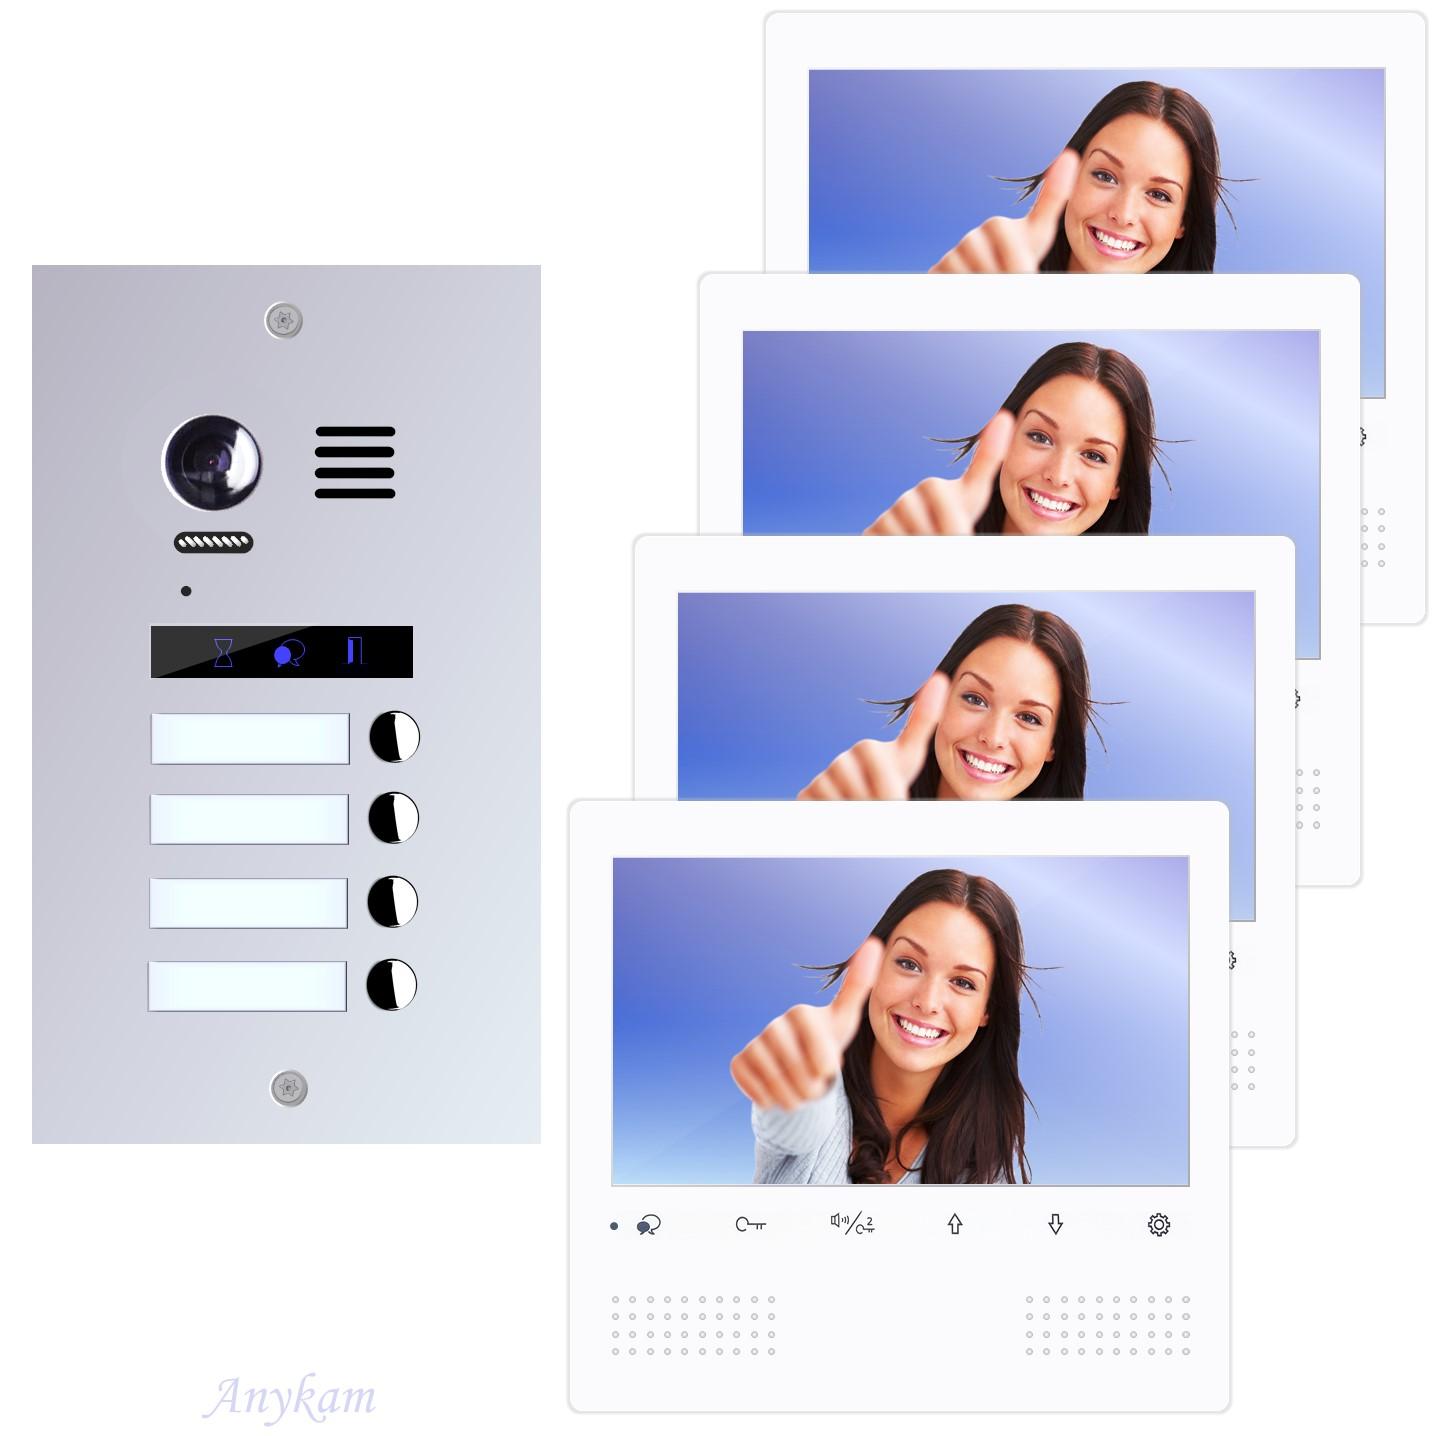 Design Farb Video Türsprechanlage für Vierfamilienhaus Videosprechanlage Gegensprechanlage Klingelanlage Interfon mit 2-Draht Technik